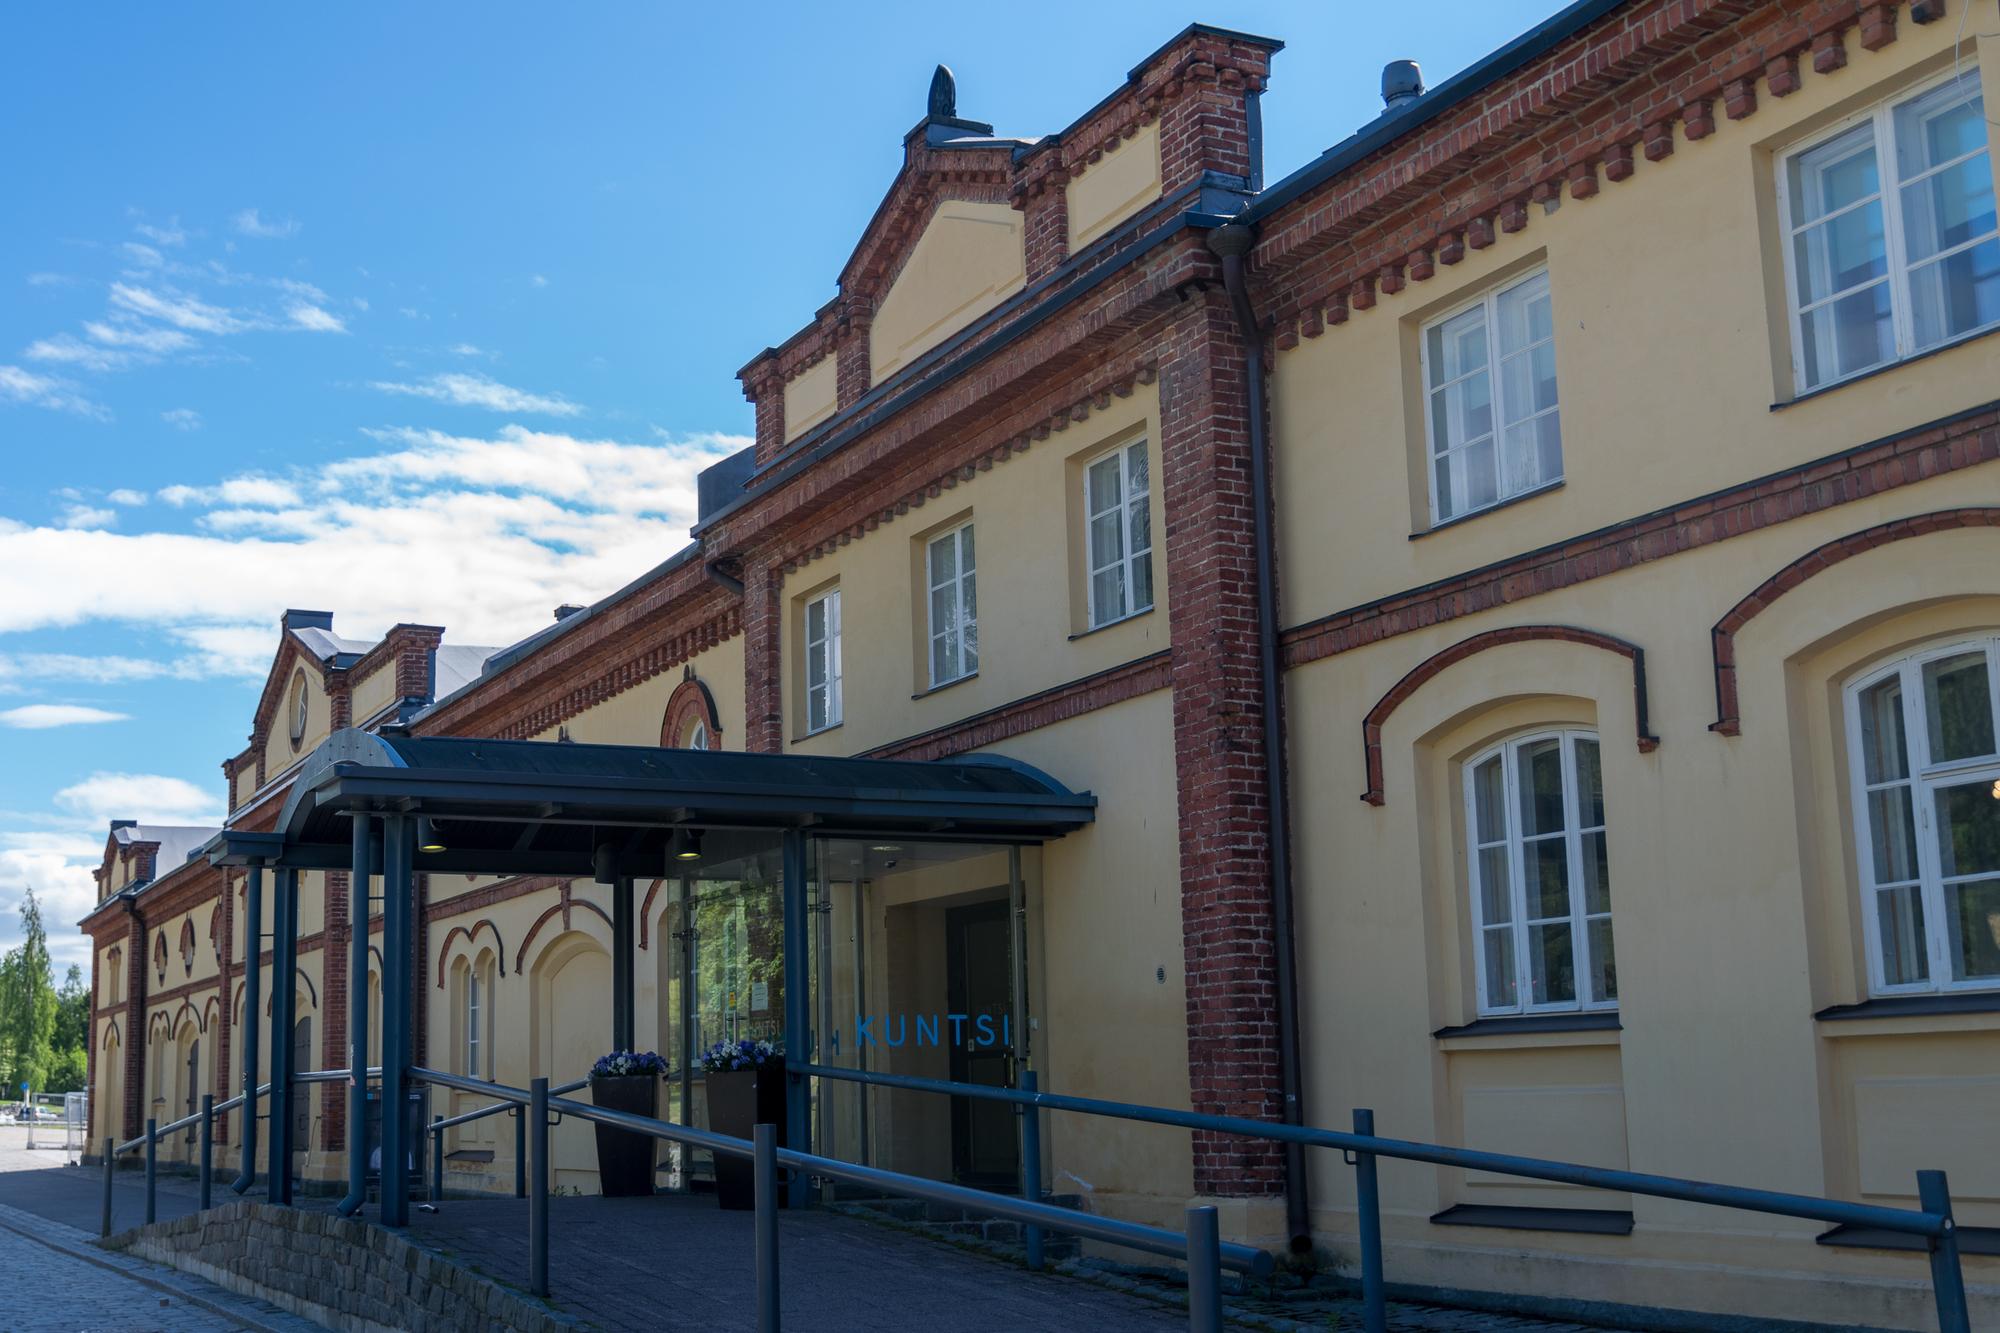 Tekemistä Vaasassa: modernin taiteen museo Kuntsi